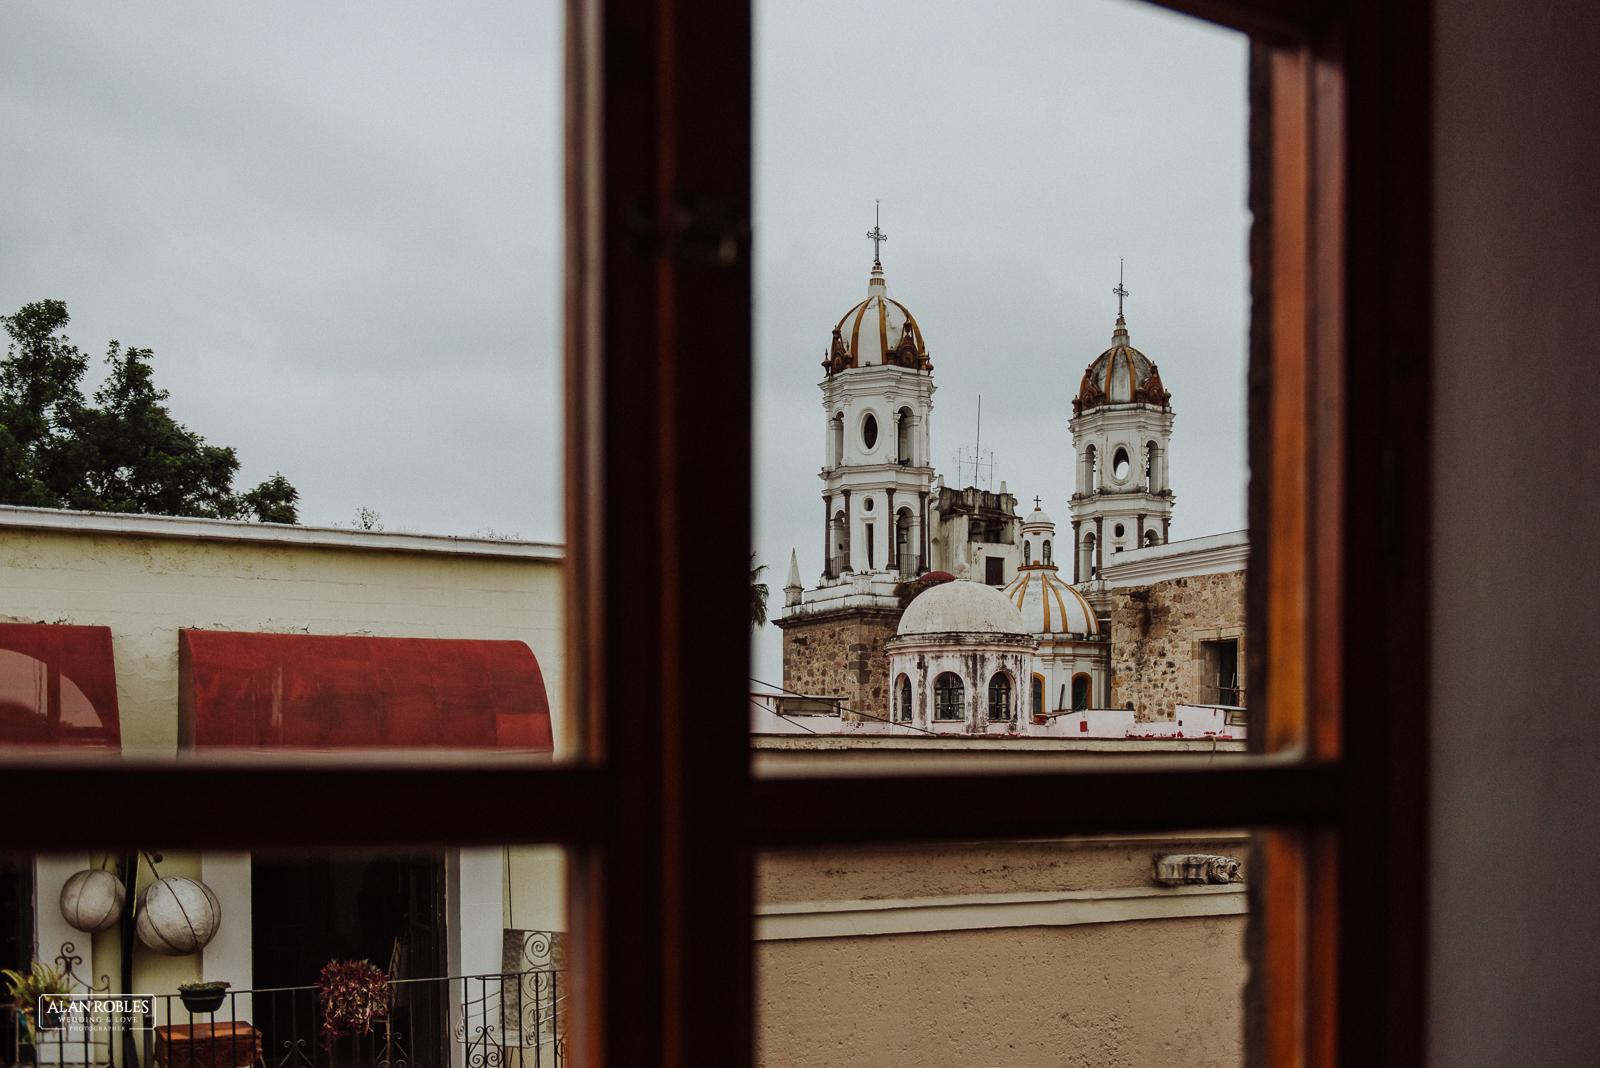 Fotografo de Bodas en Guadalara Alan Robles - Boda en Tlaquepaque Centro historico